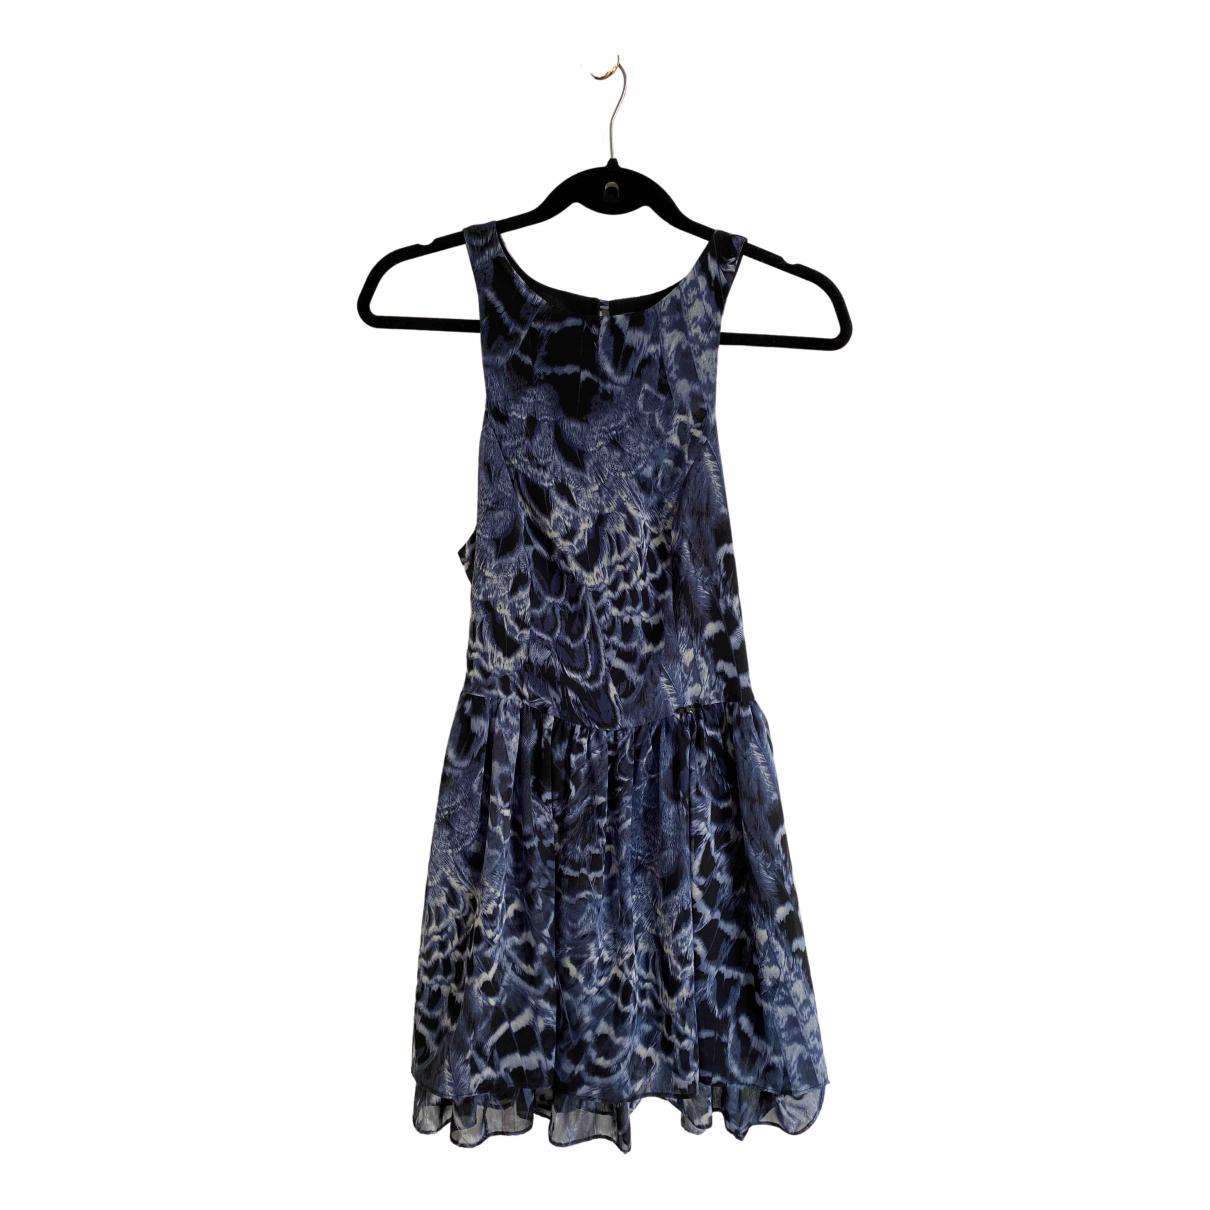 Guess \N Kleid in  Blau Polyester